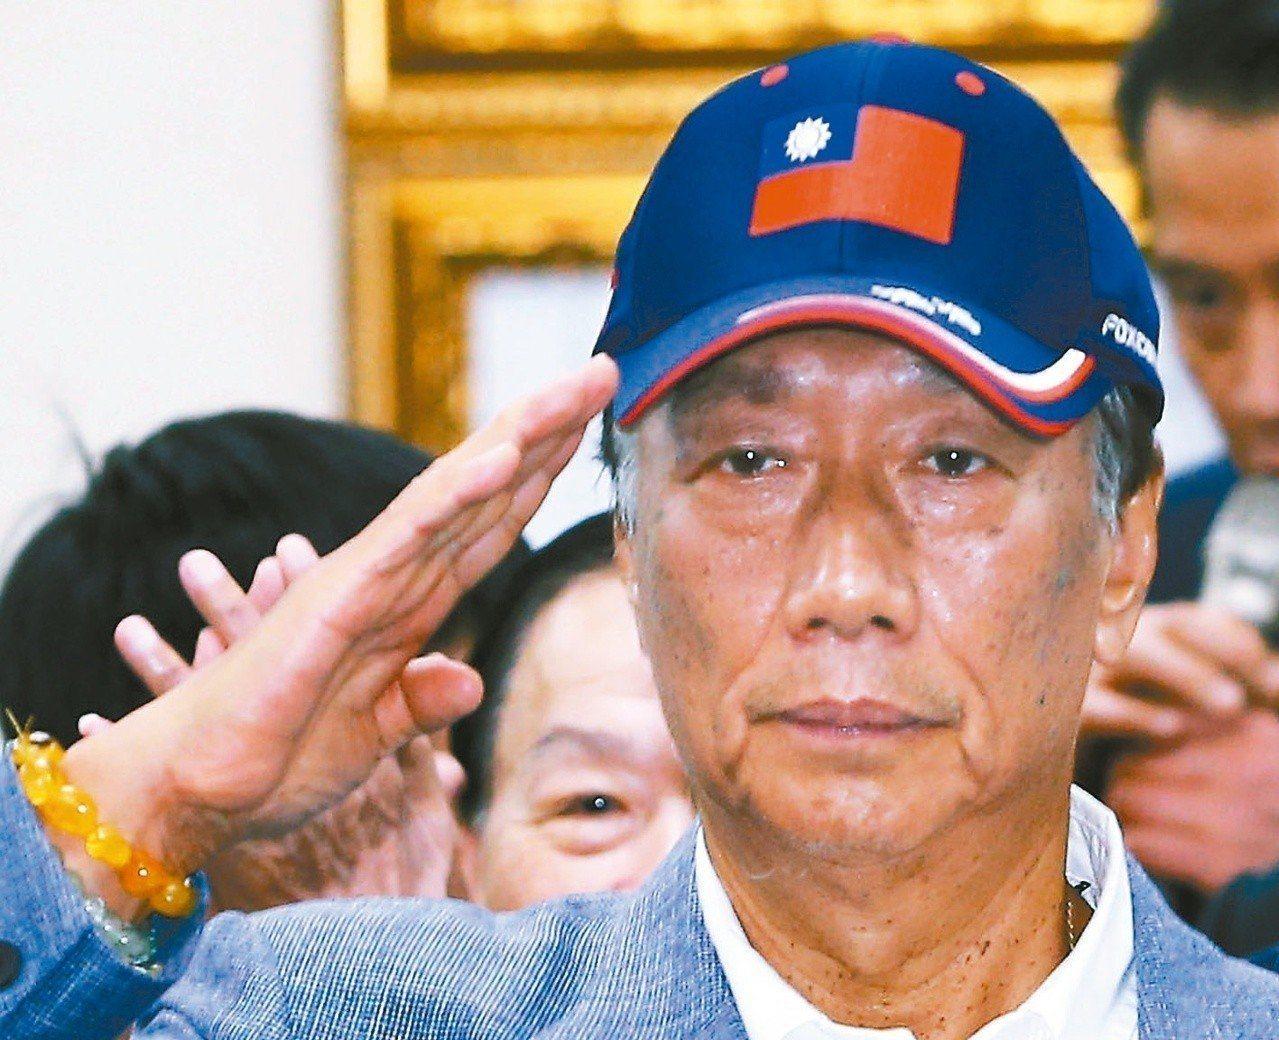 鴻海董事長郭台銘宣布參加國民黨總統初選。 圖/聯合報系資料照片